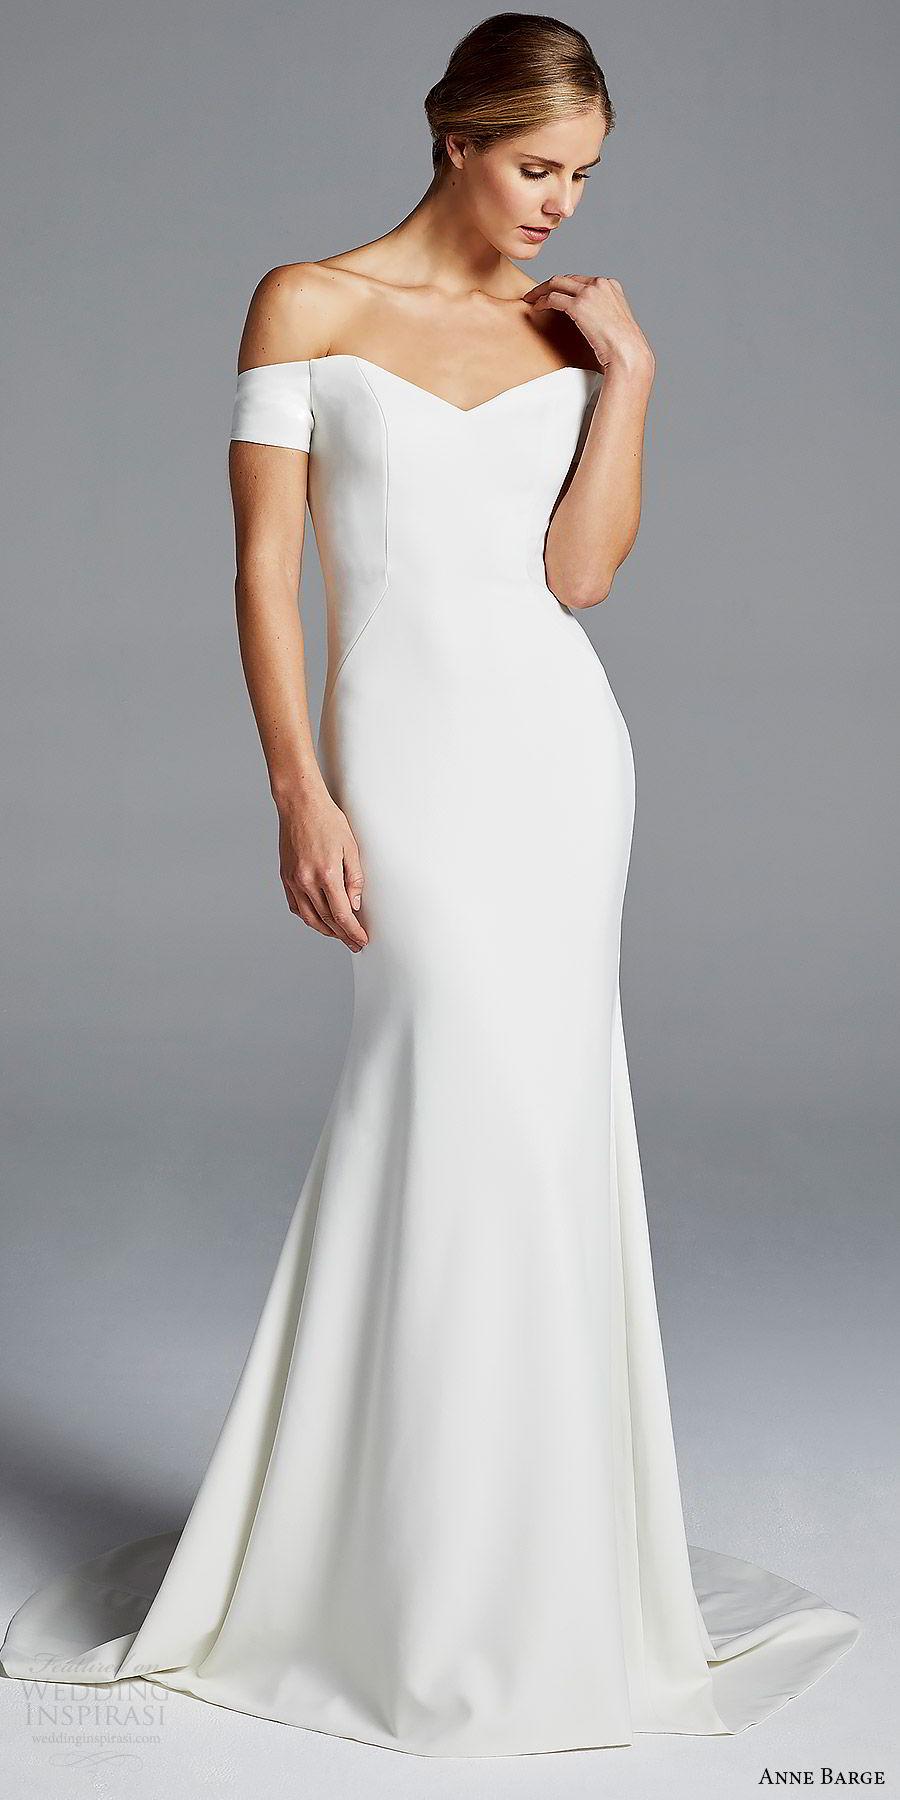 anne barge bridal spring 2019 off shoulder short sleeves sweetheart neckline minimally embellished sheath wedding dress (jolie) mv chic modern elegant